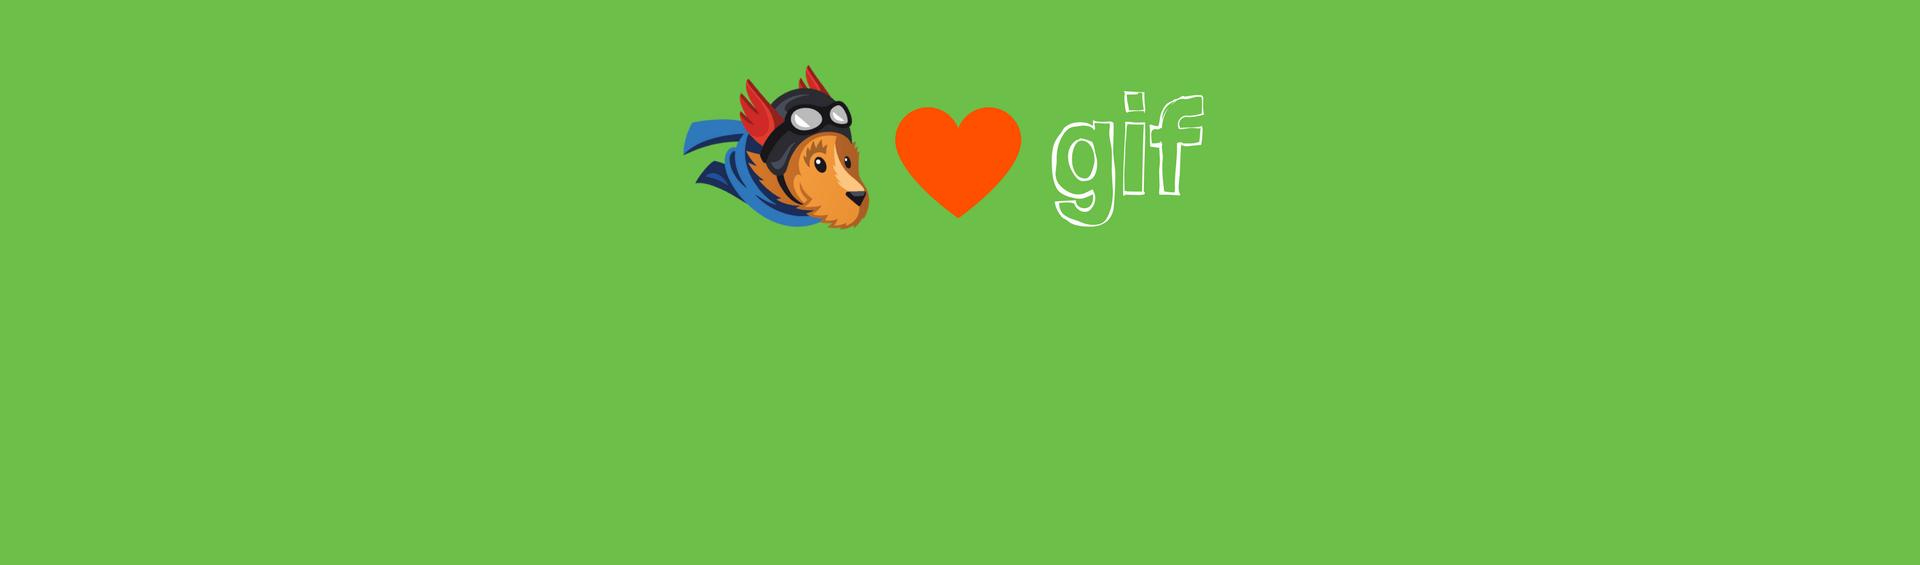 Гифки в email-рассылках